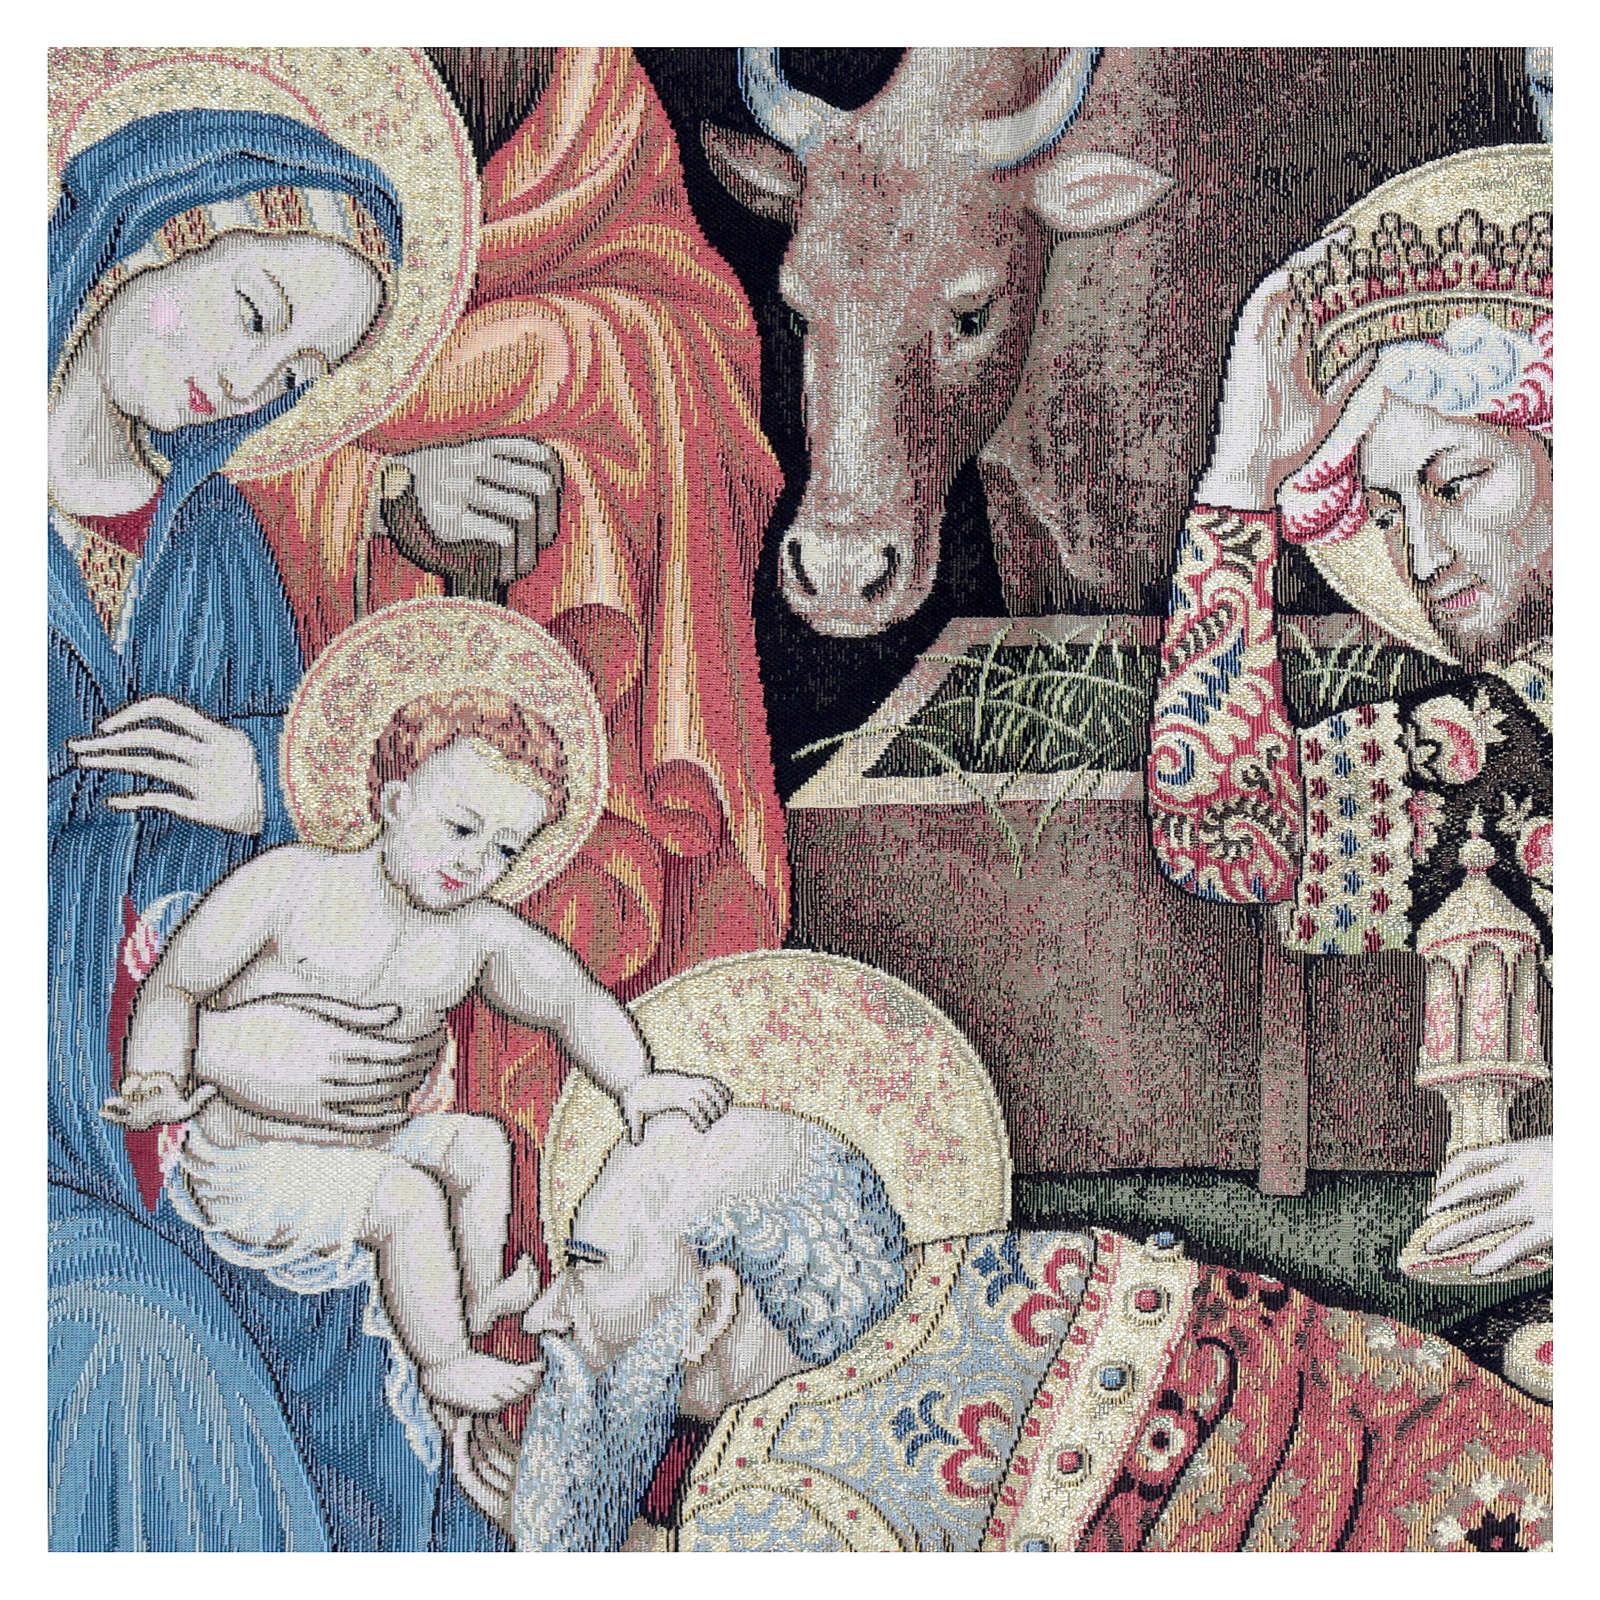 Wandteppich Anbetung der Könige nach Gentile da Fabriano 105x130 cm 3